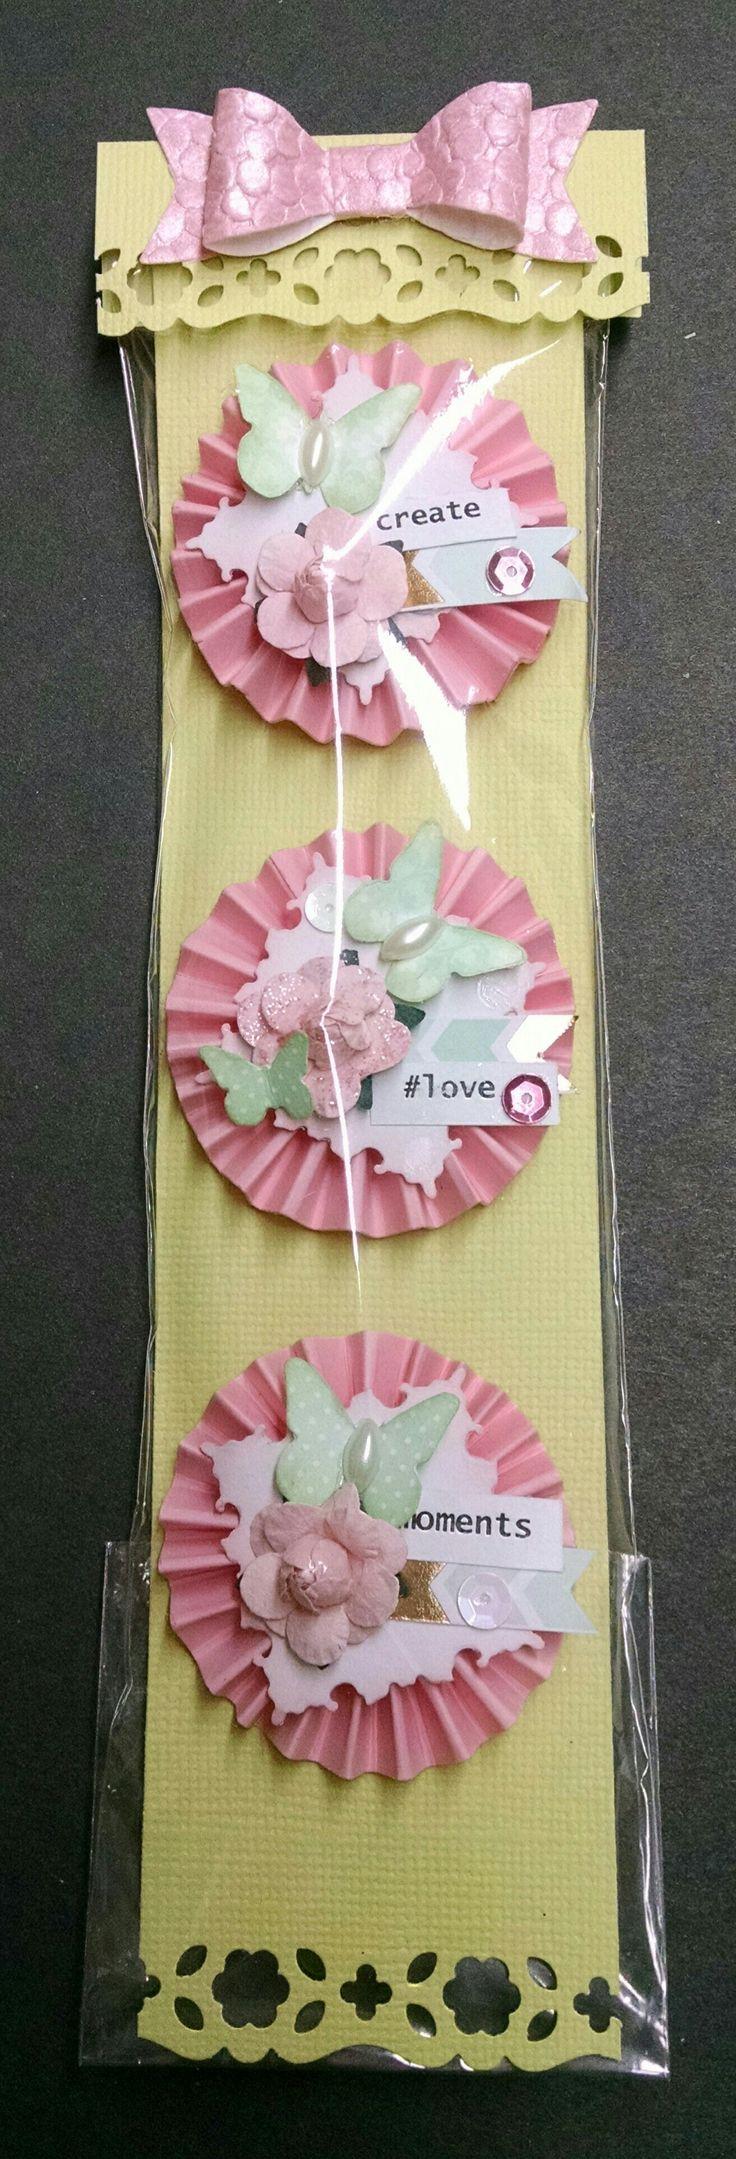 Mini rosette embellishments